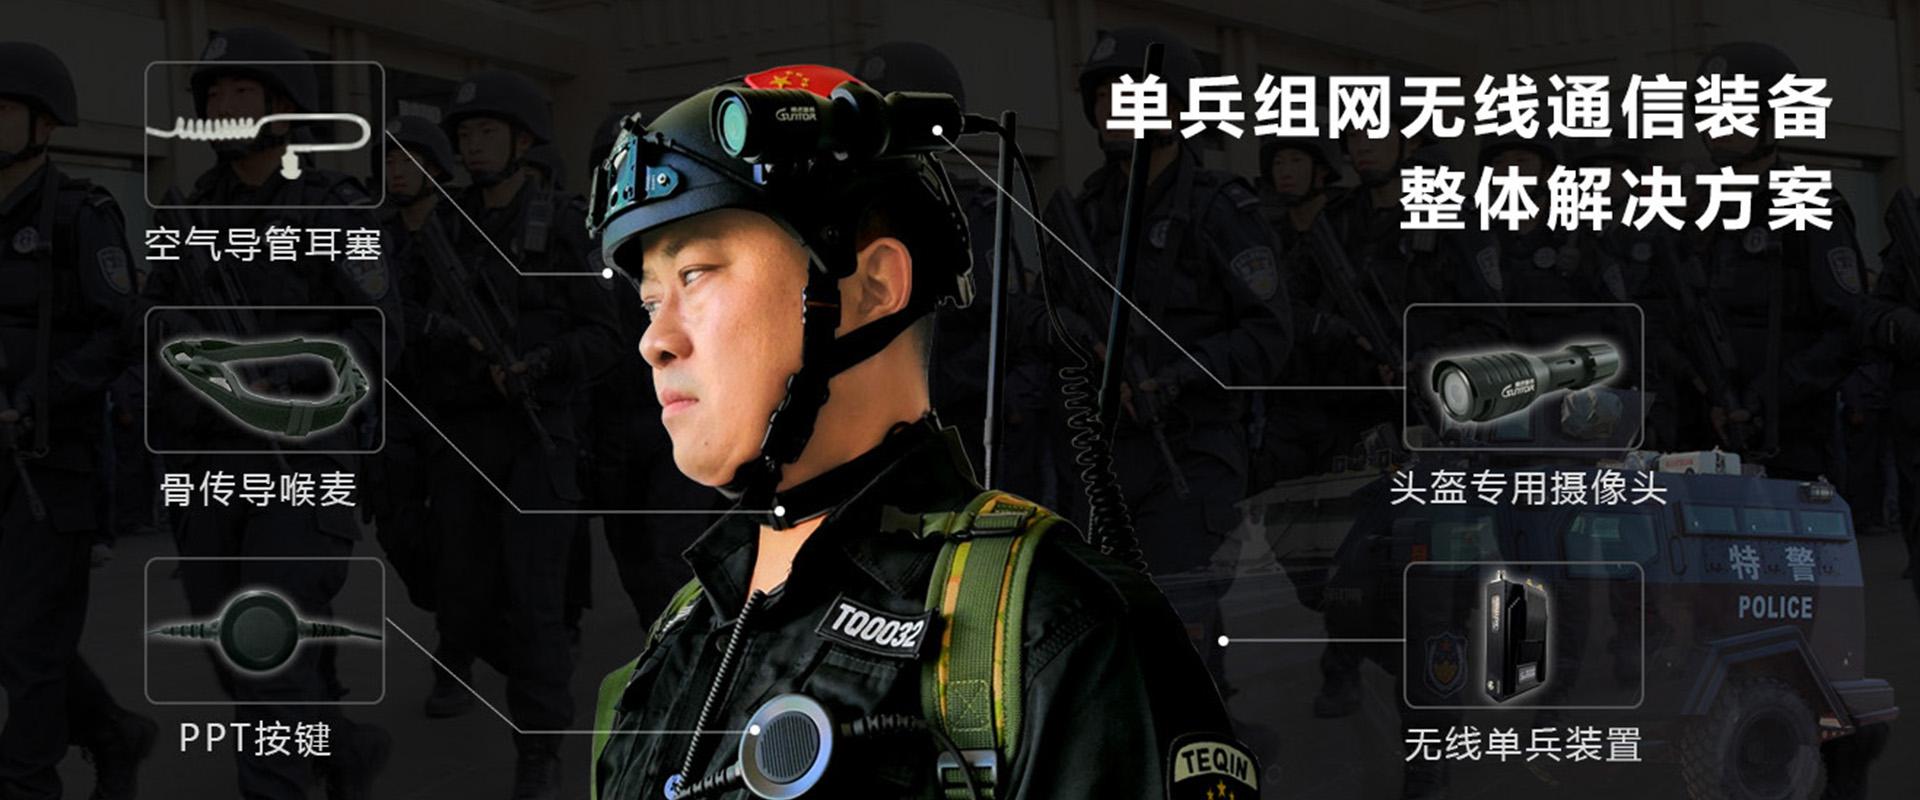 单兵组网无线通信设备